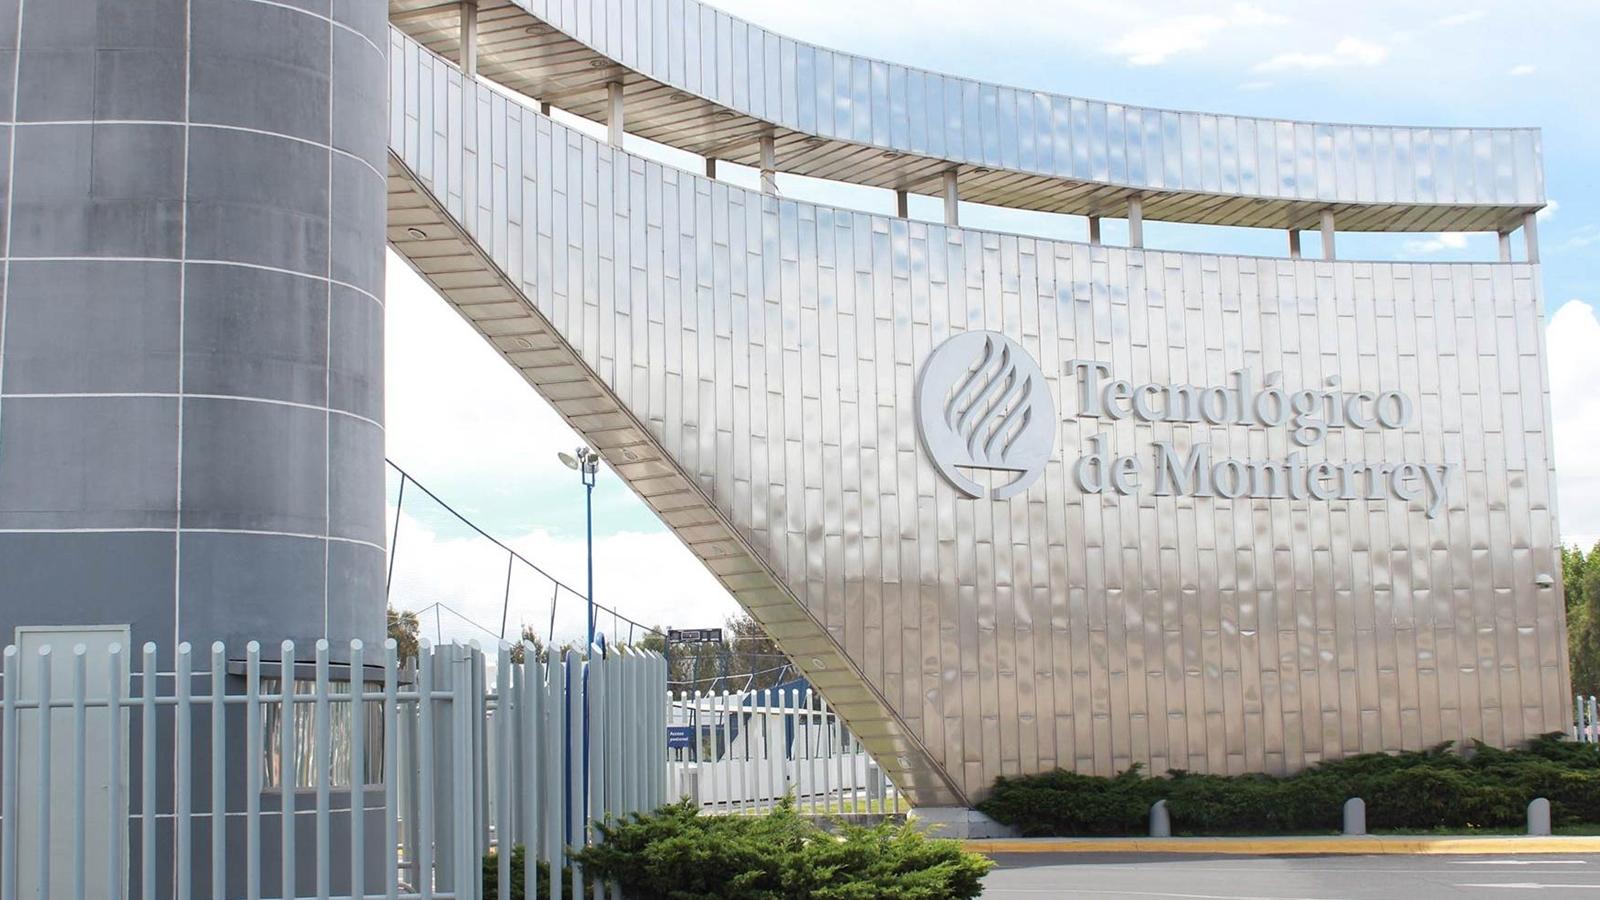 Egresados del Tec de Monterrey generan 2.8 millones de empleos en el mundo